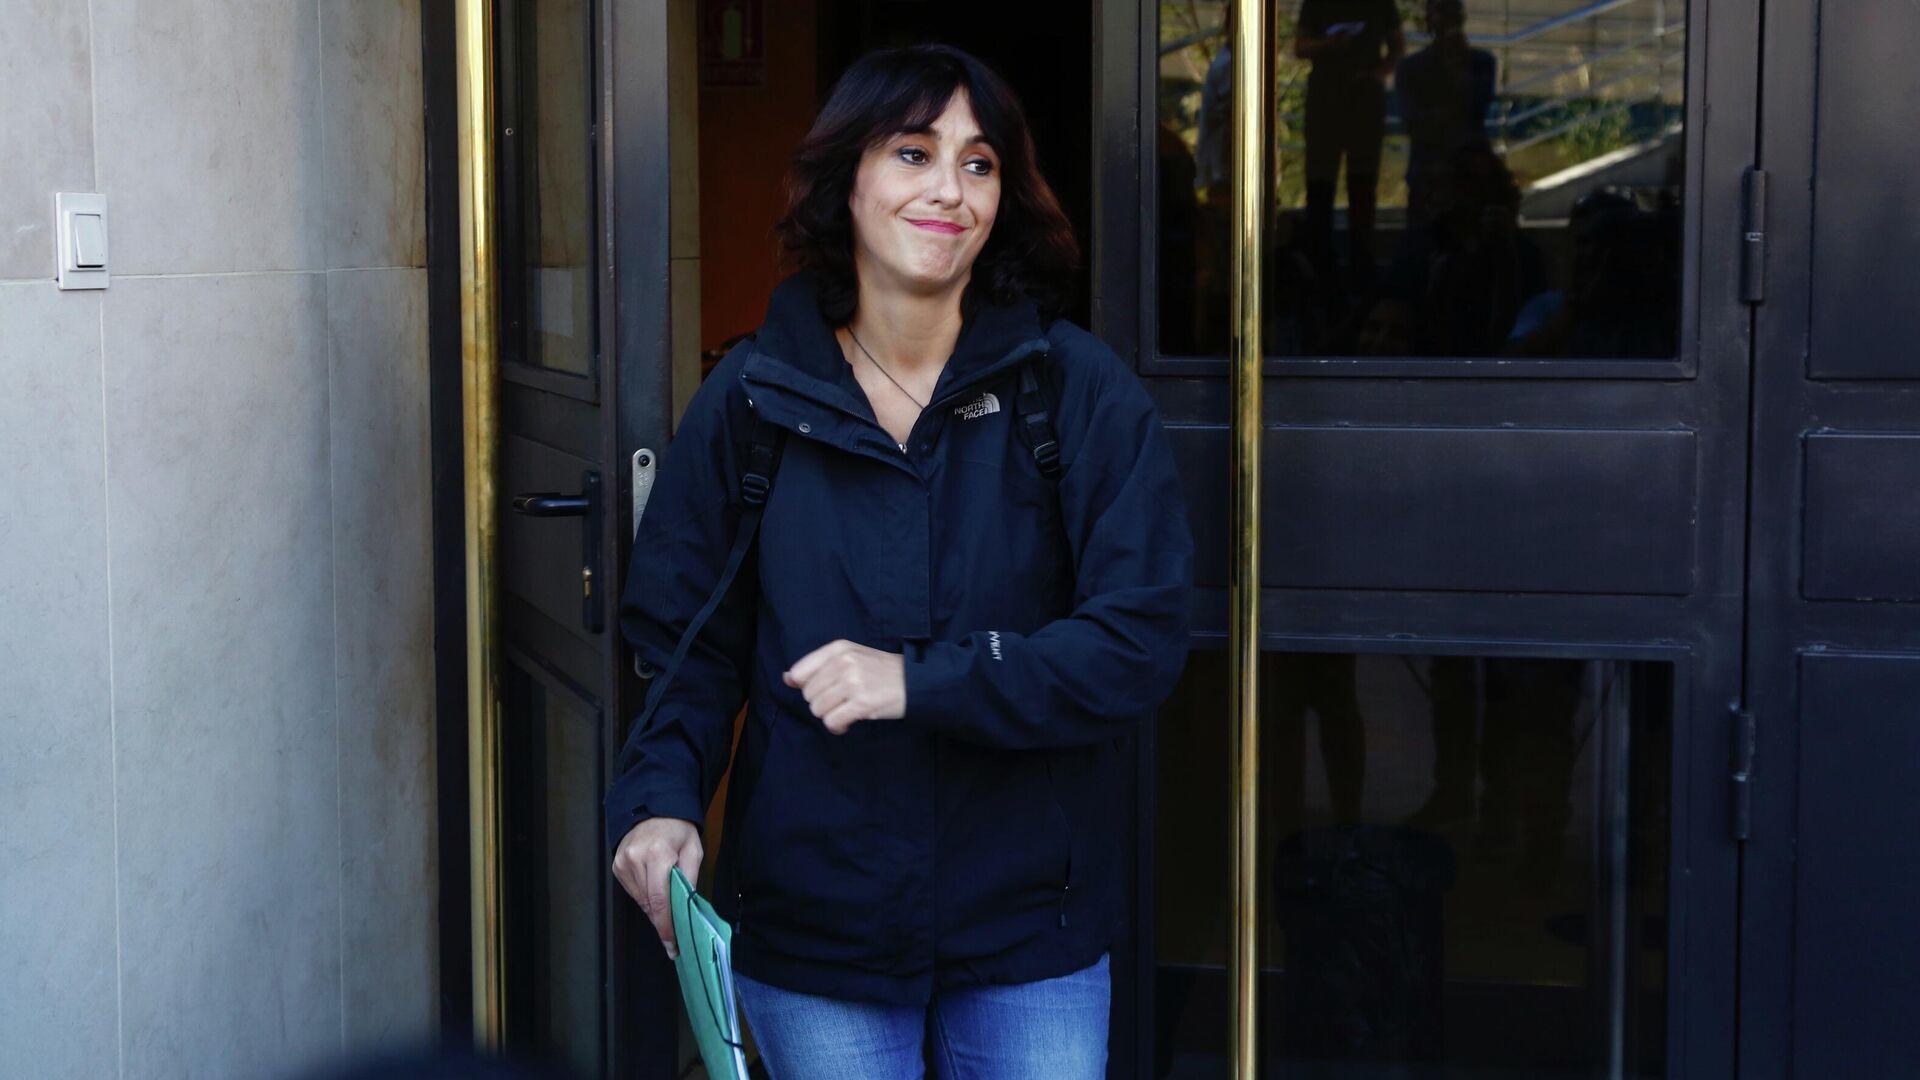 Juana Rivas acude a recoger la sentencia de su caso en España - Sputnik Mundo, 1920, 20.07.2021